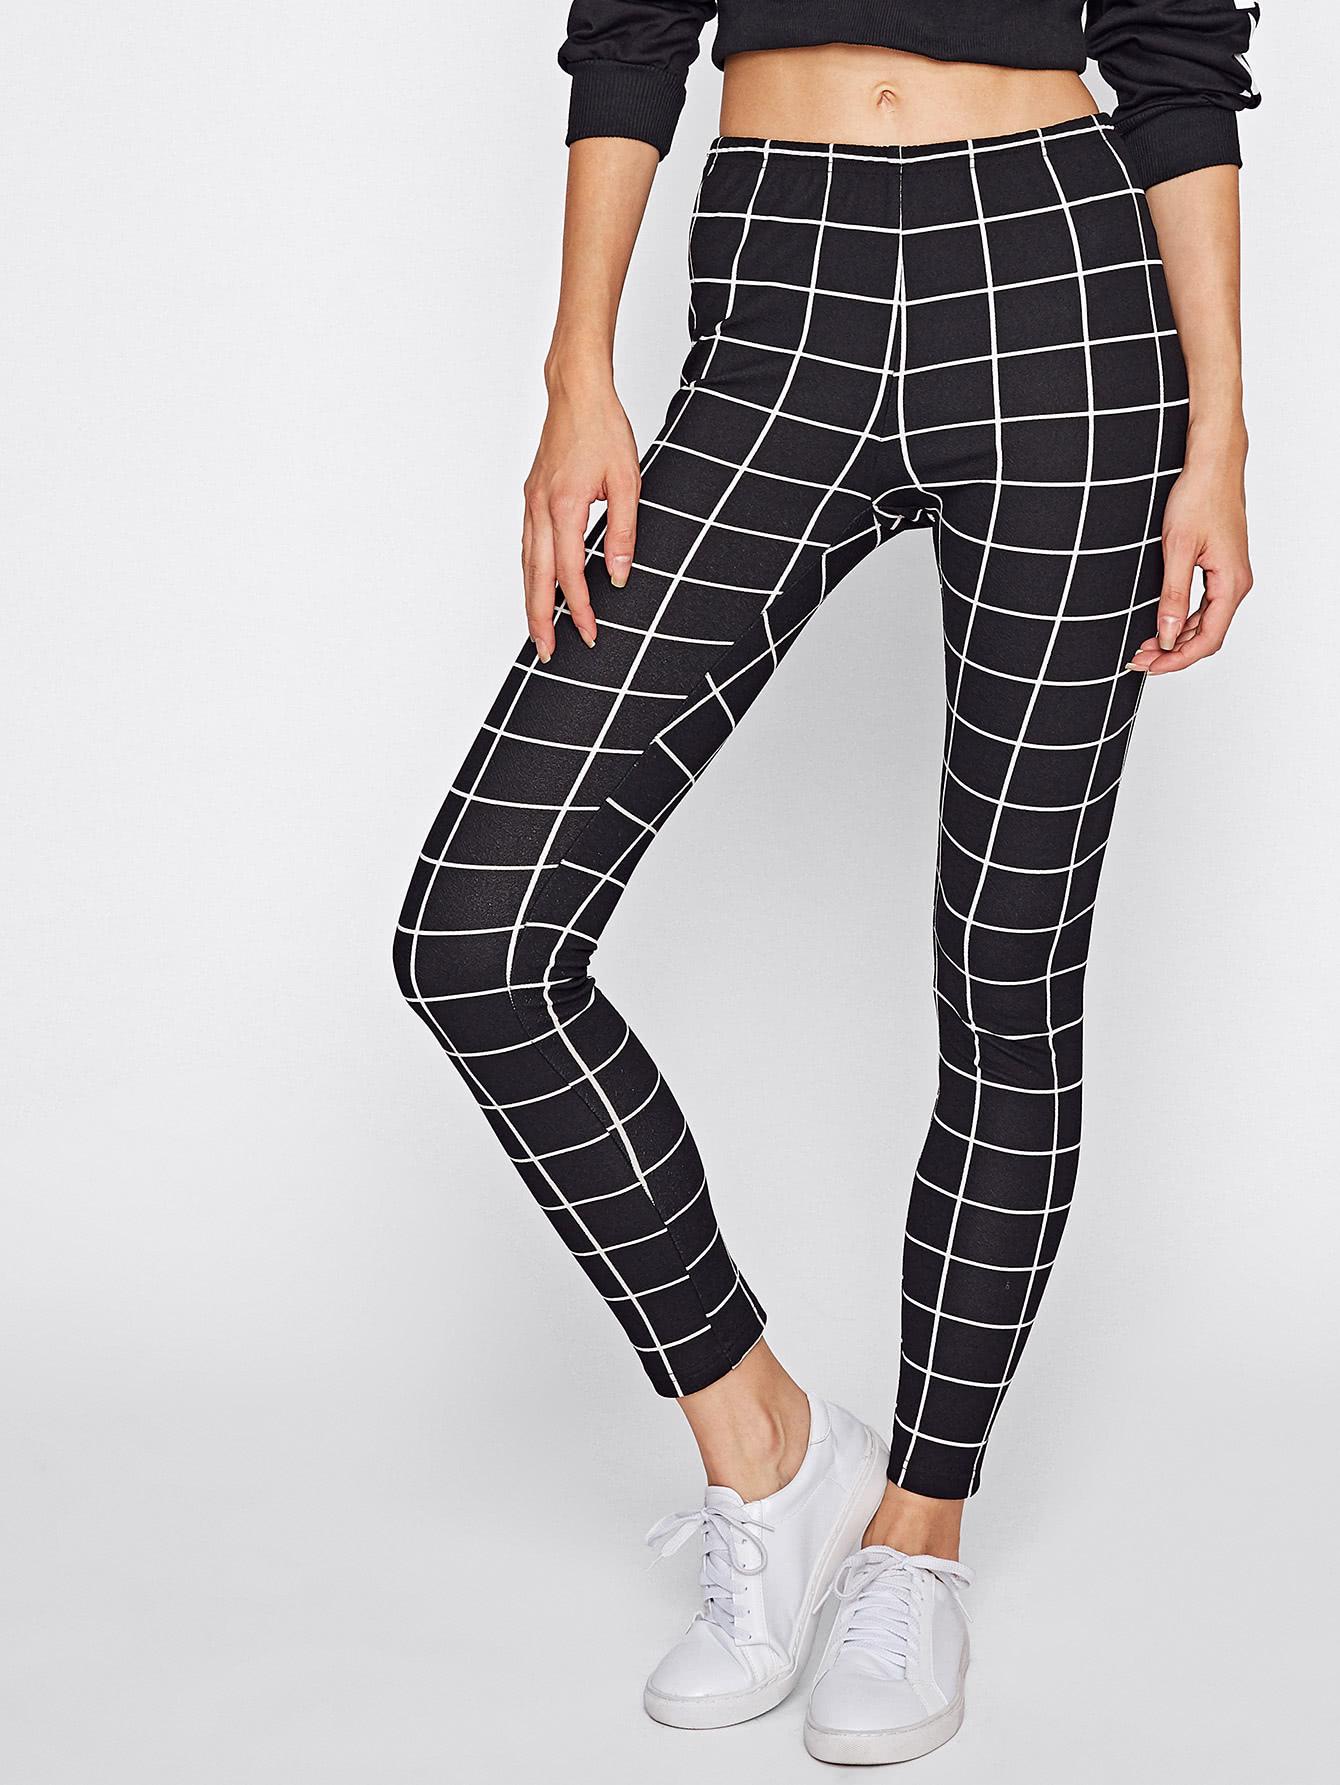 Grid Print Leggings leggings170816701